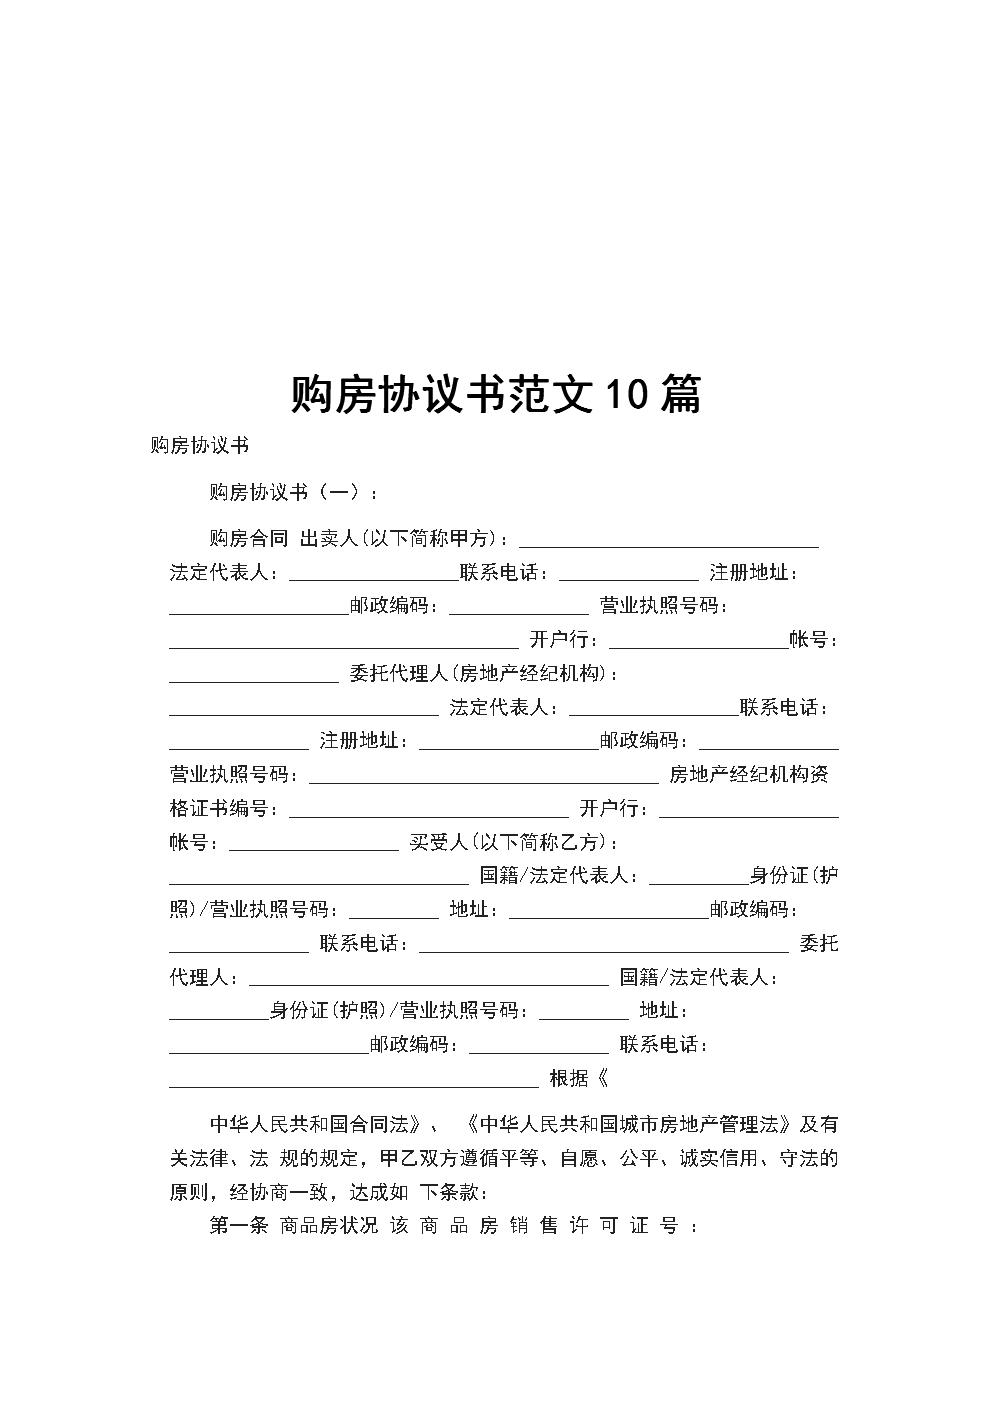 购房协议书范文10篇.doc